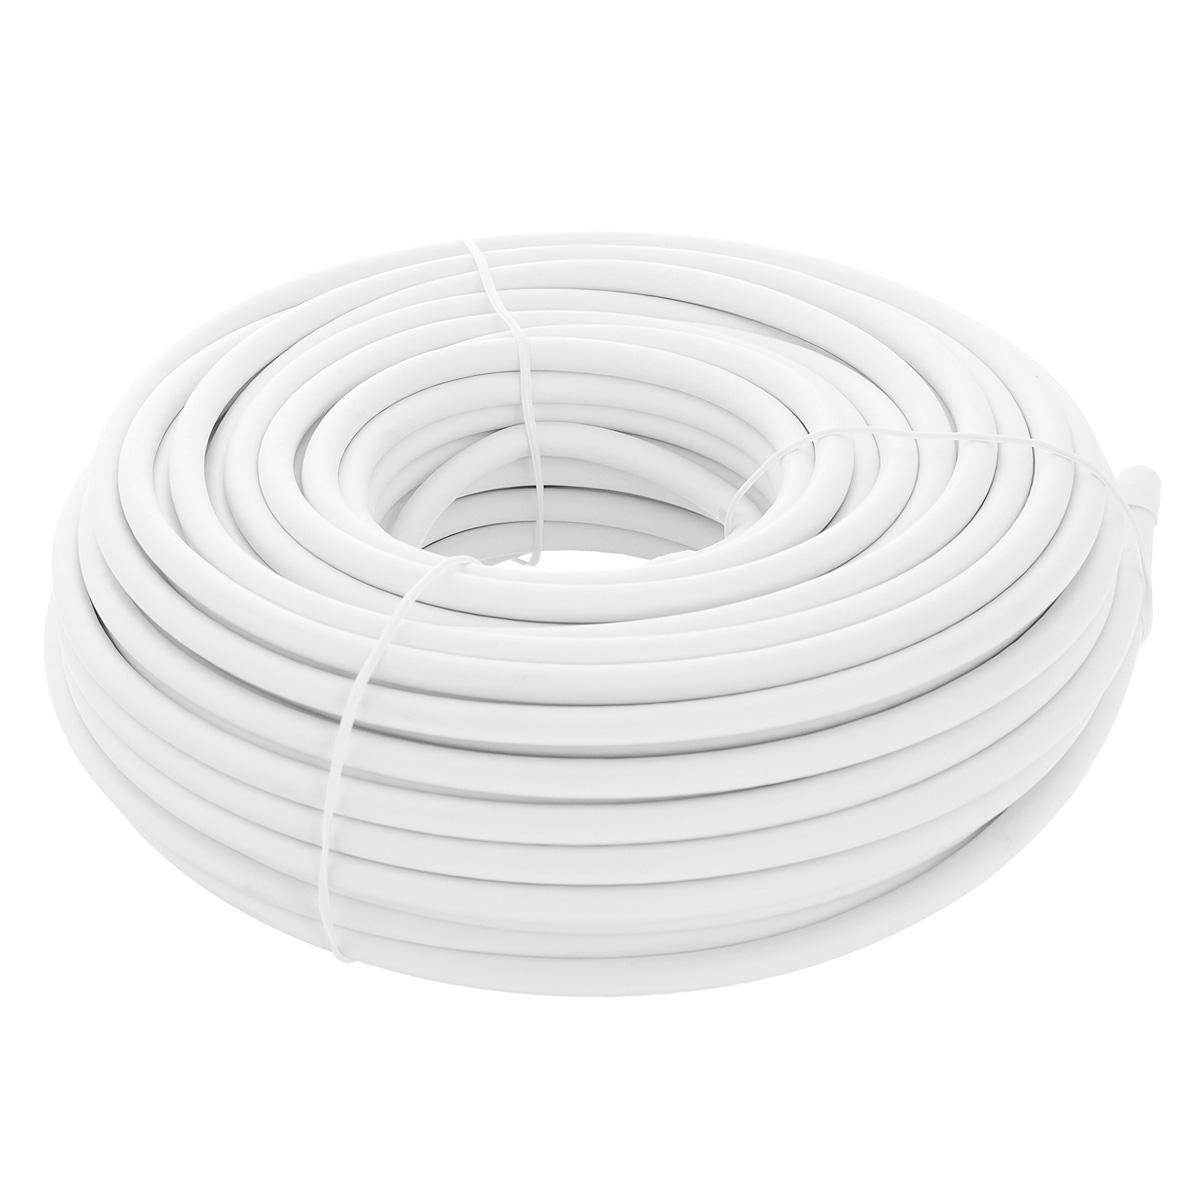 цена на Vivanco Promo Stick кабель антенный, 30 м